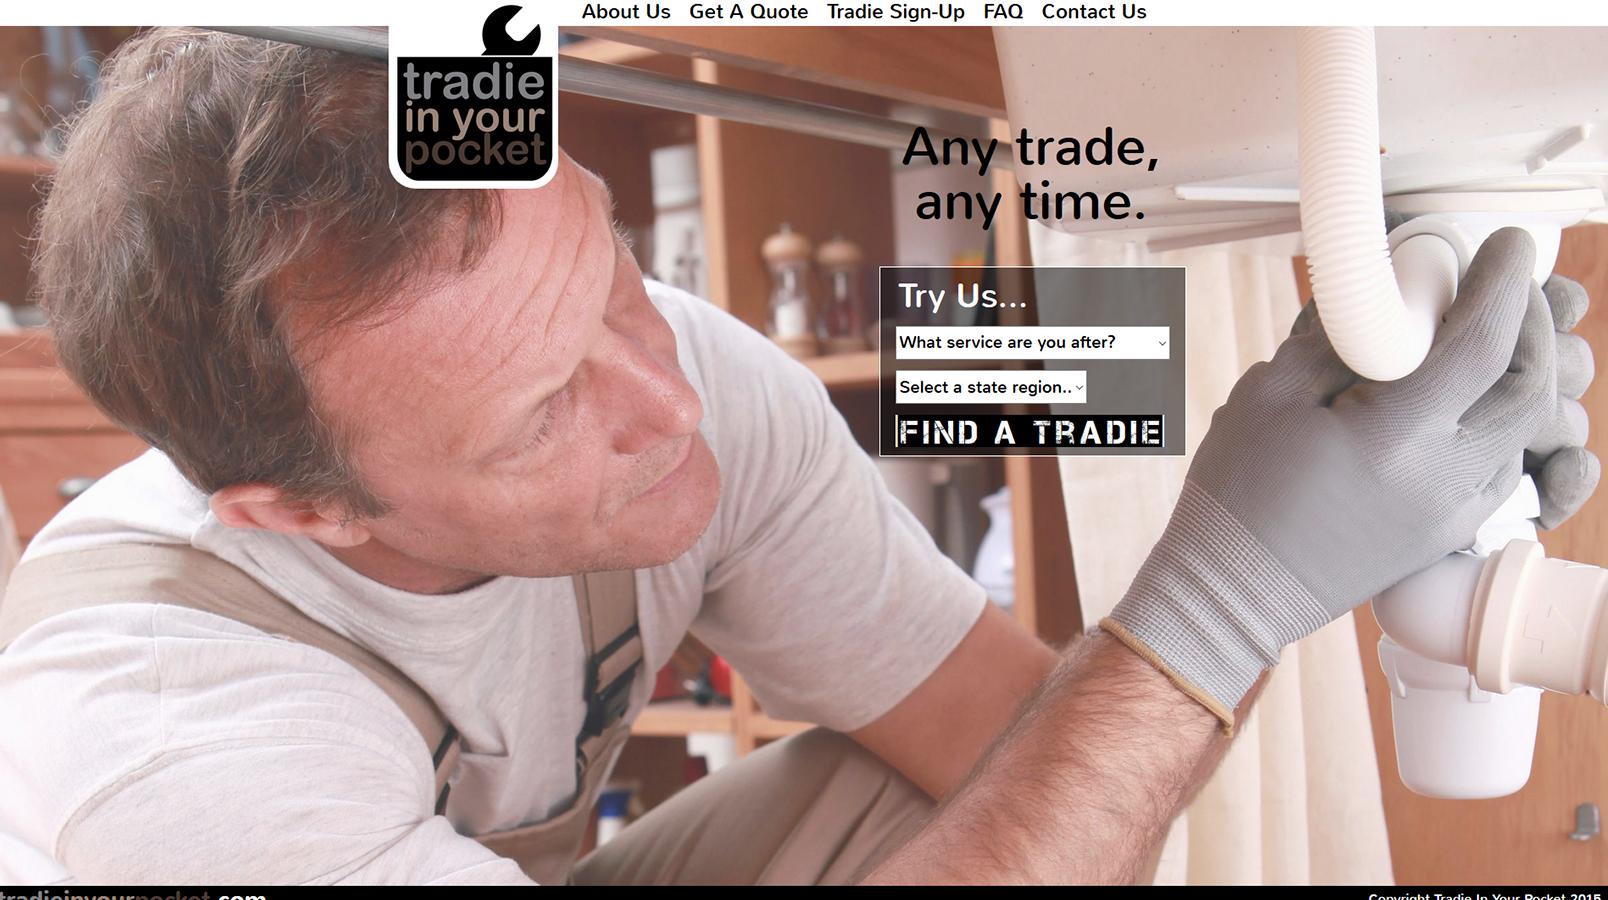 tiyp website